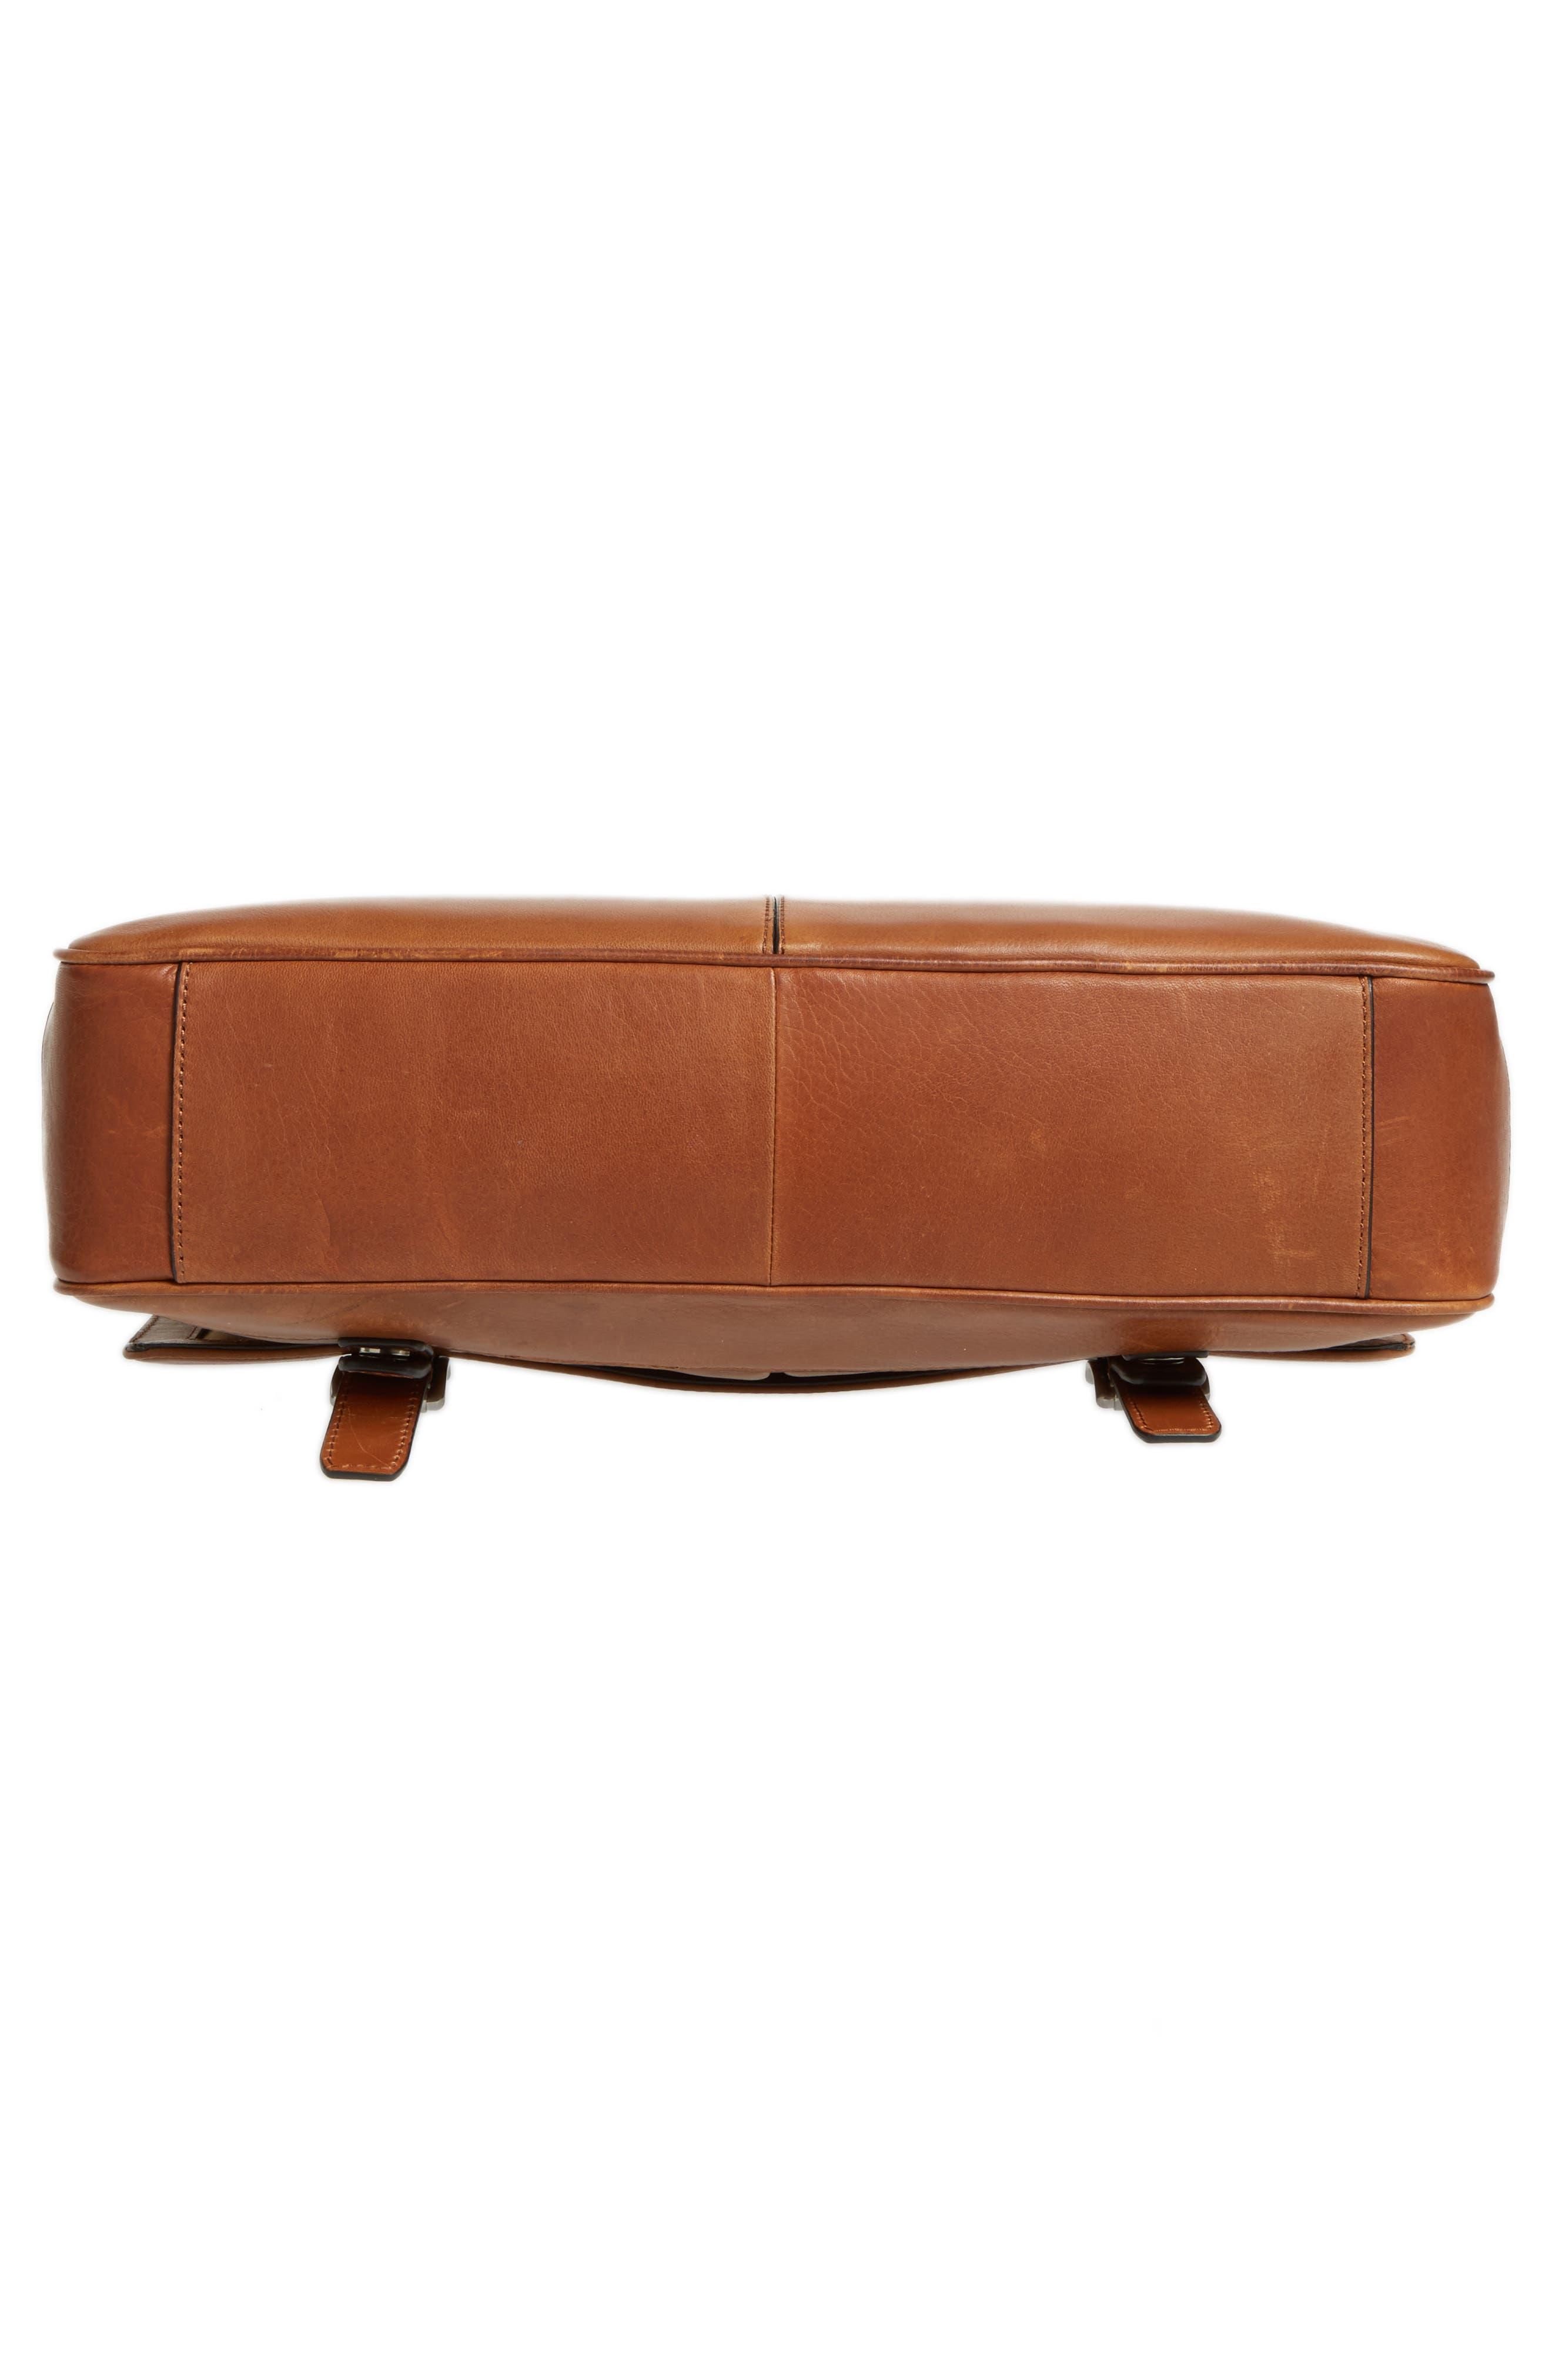 Oliver Leather Messenger Bag,                             Alternate thumbnail 6, color,                             Cognac